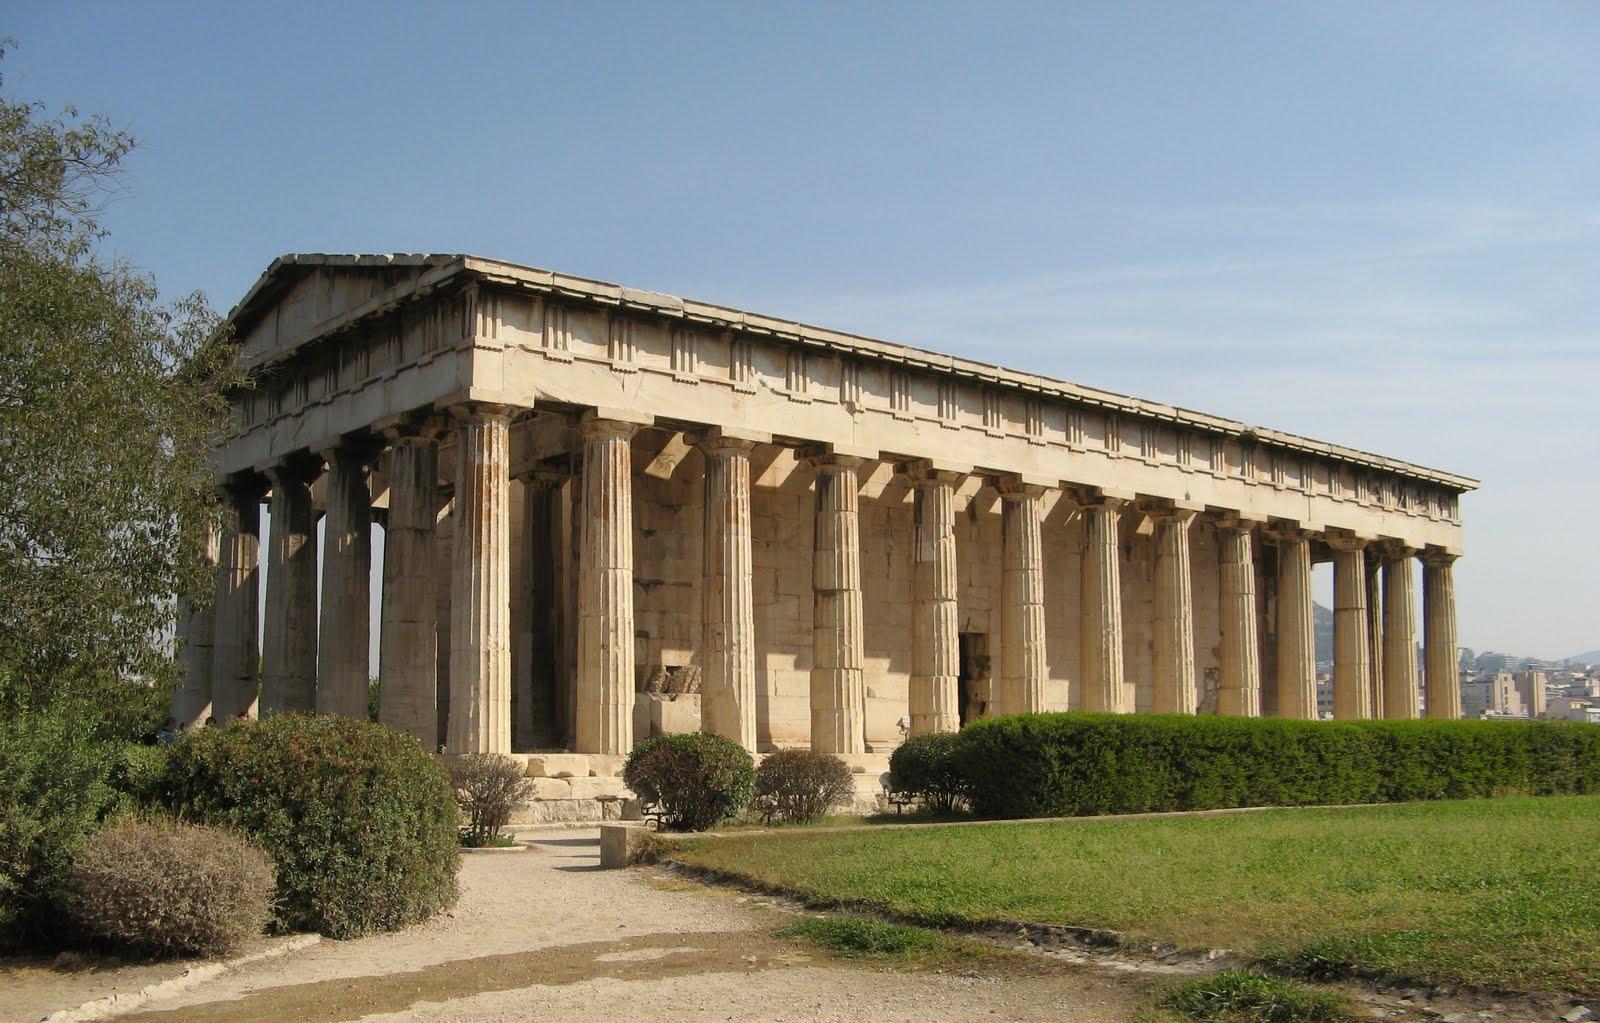 emplo de Hefesto, um templo grego Dórico em Atenas